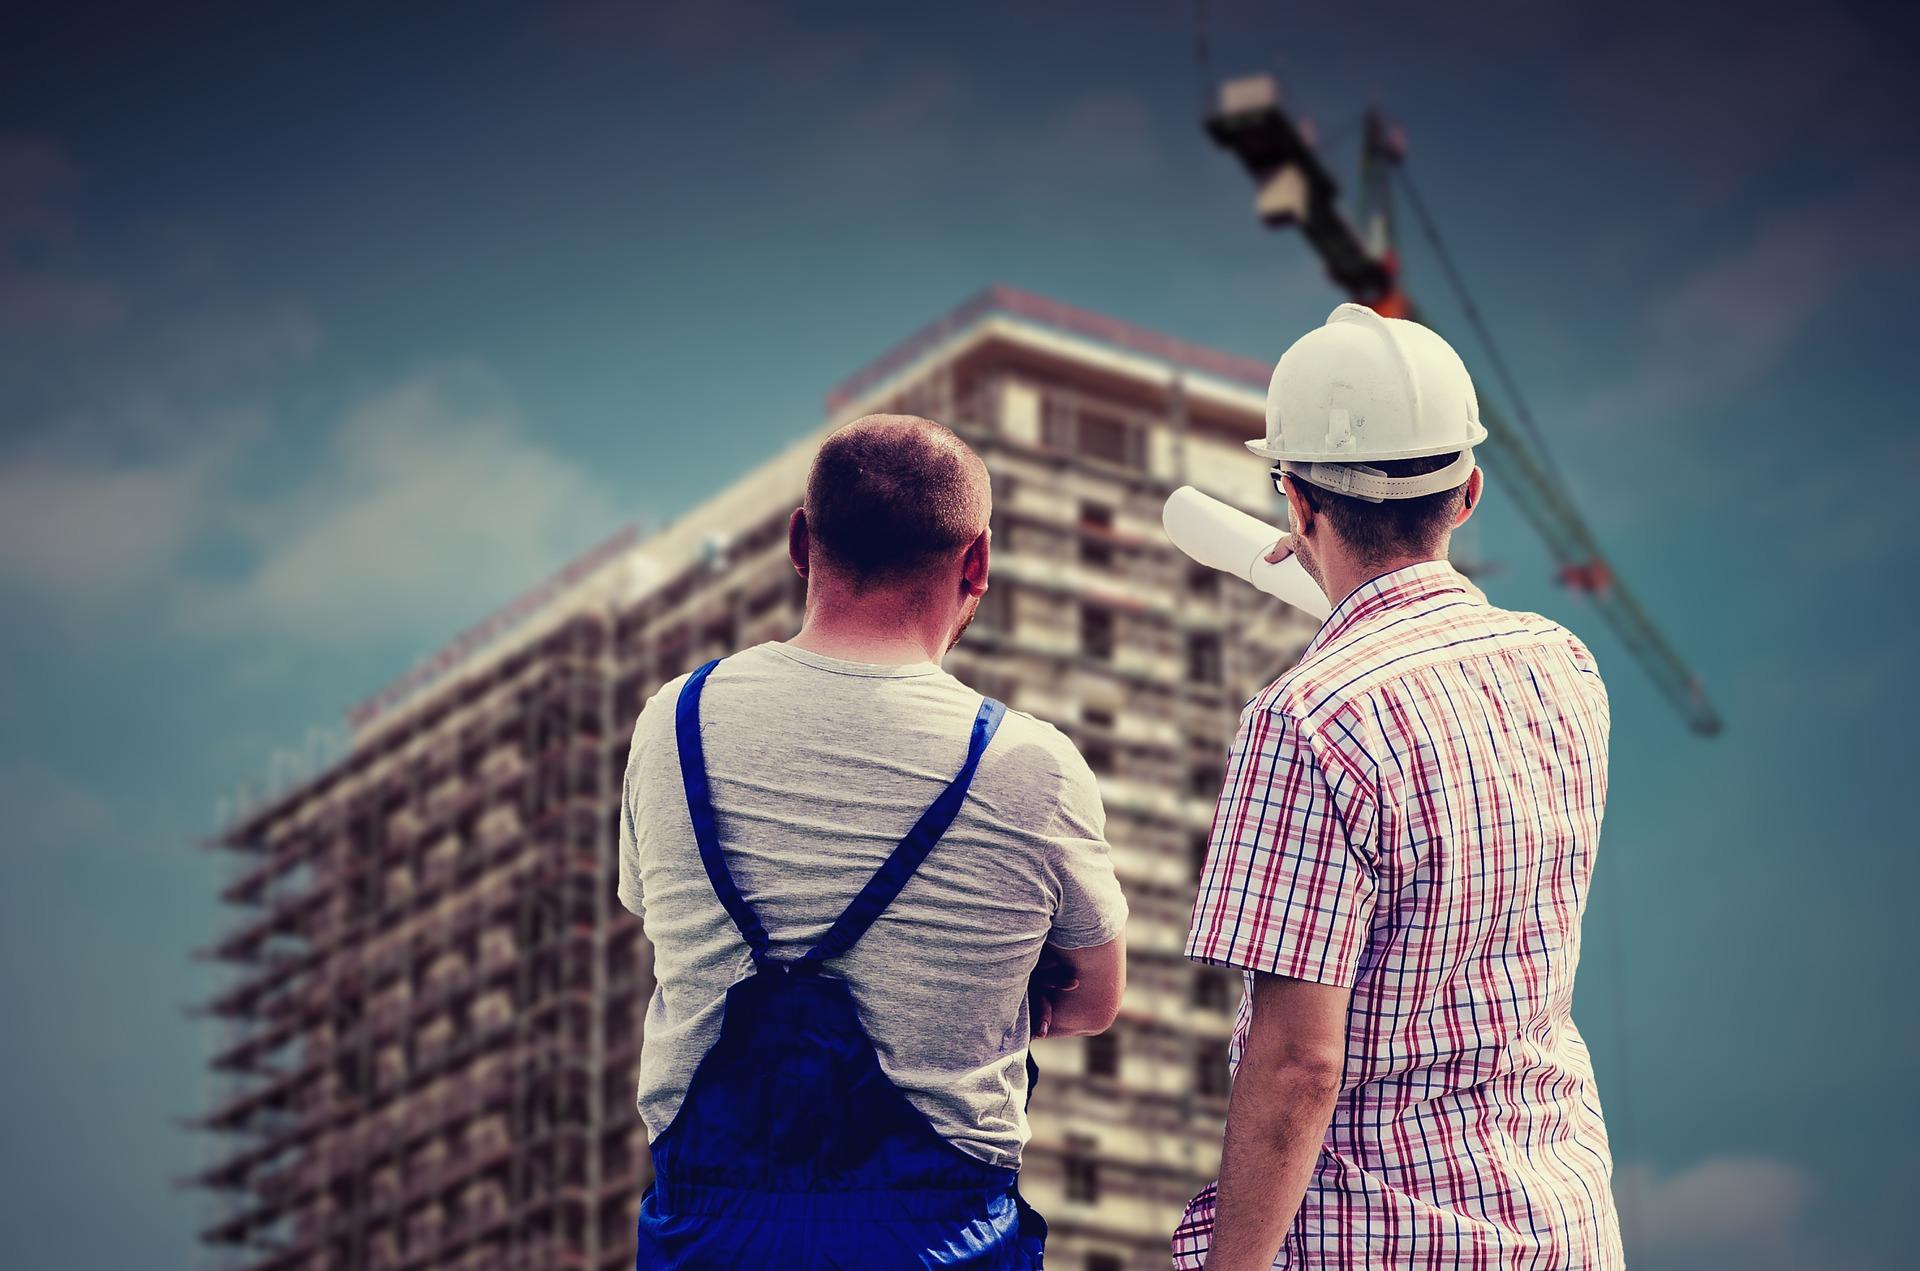 entreprise-construction-stratégie-digitale.jpg